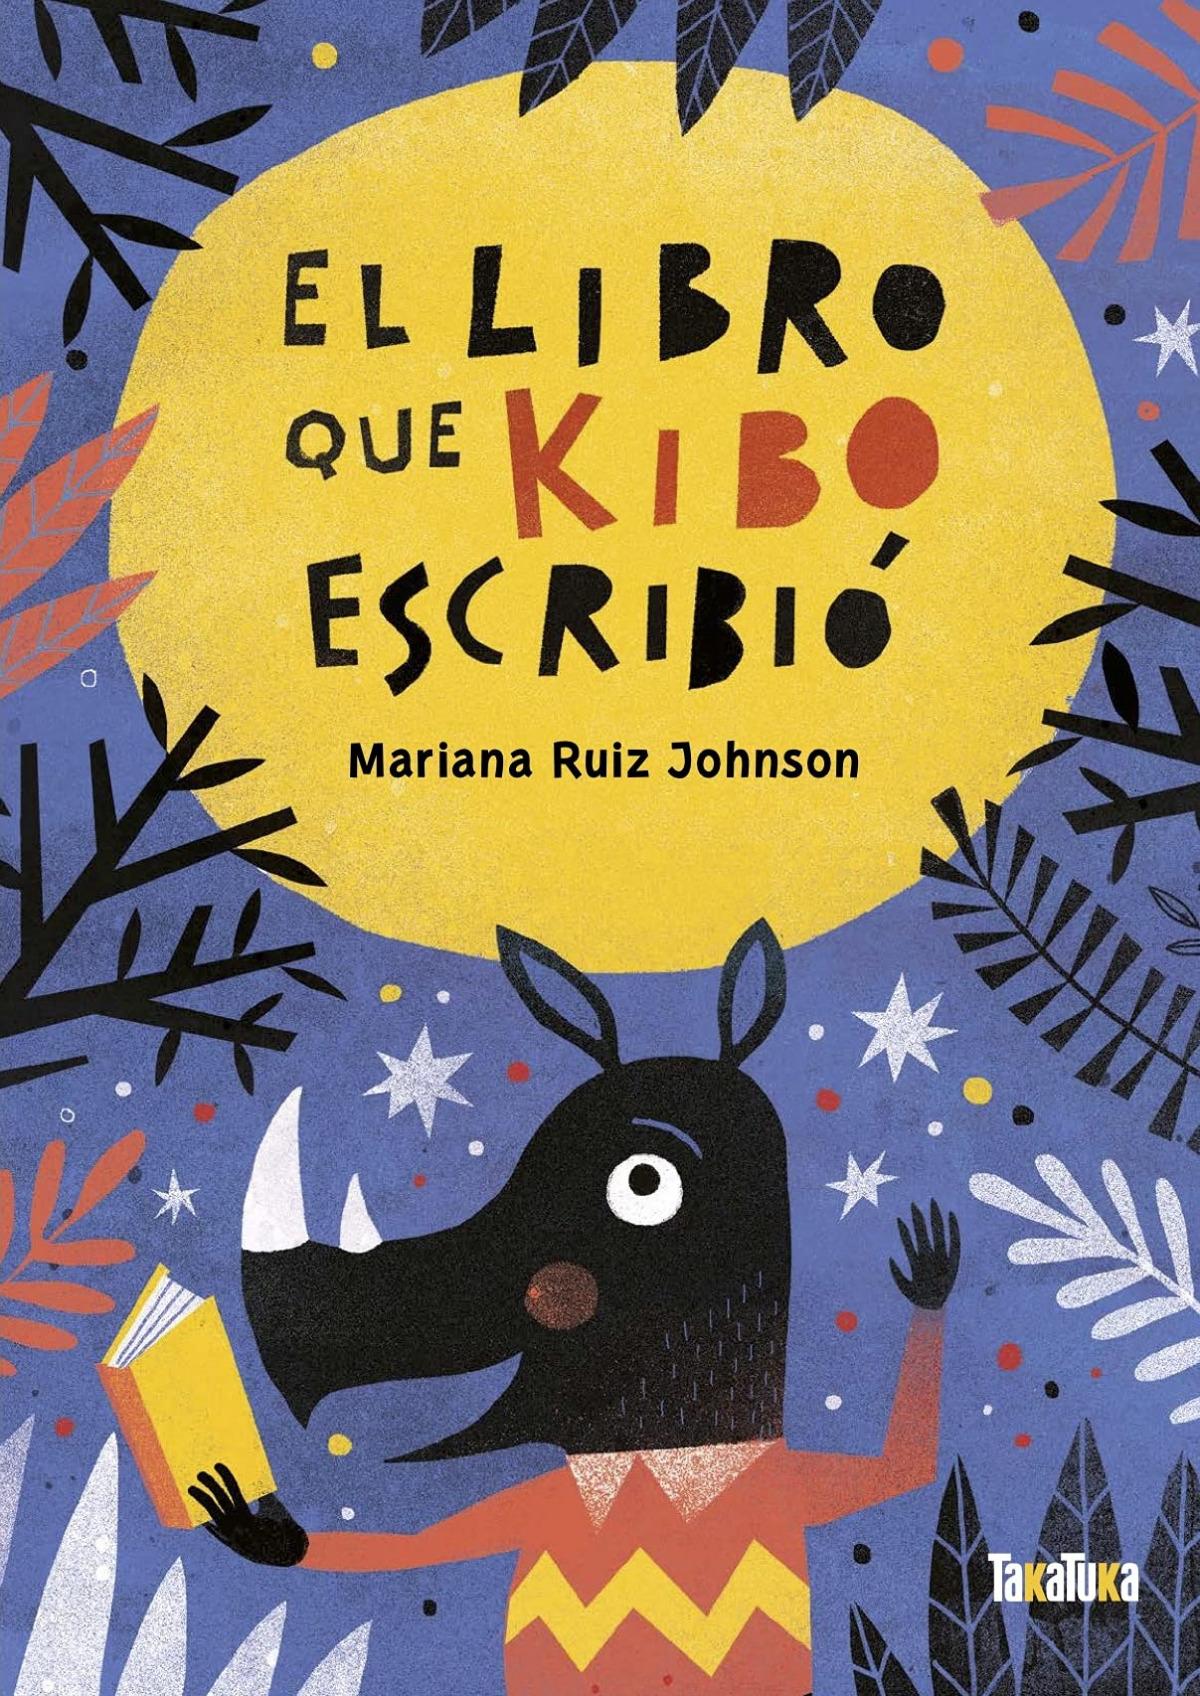 El libro que Kibo escribió